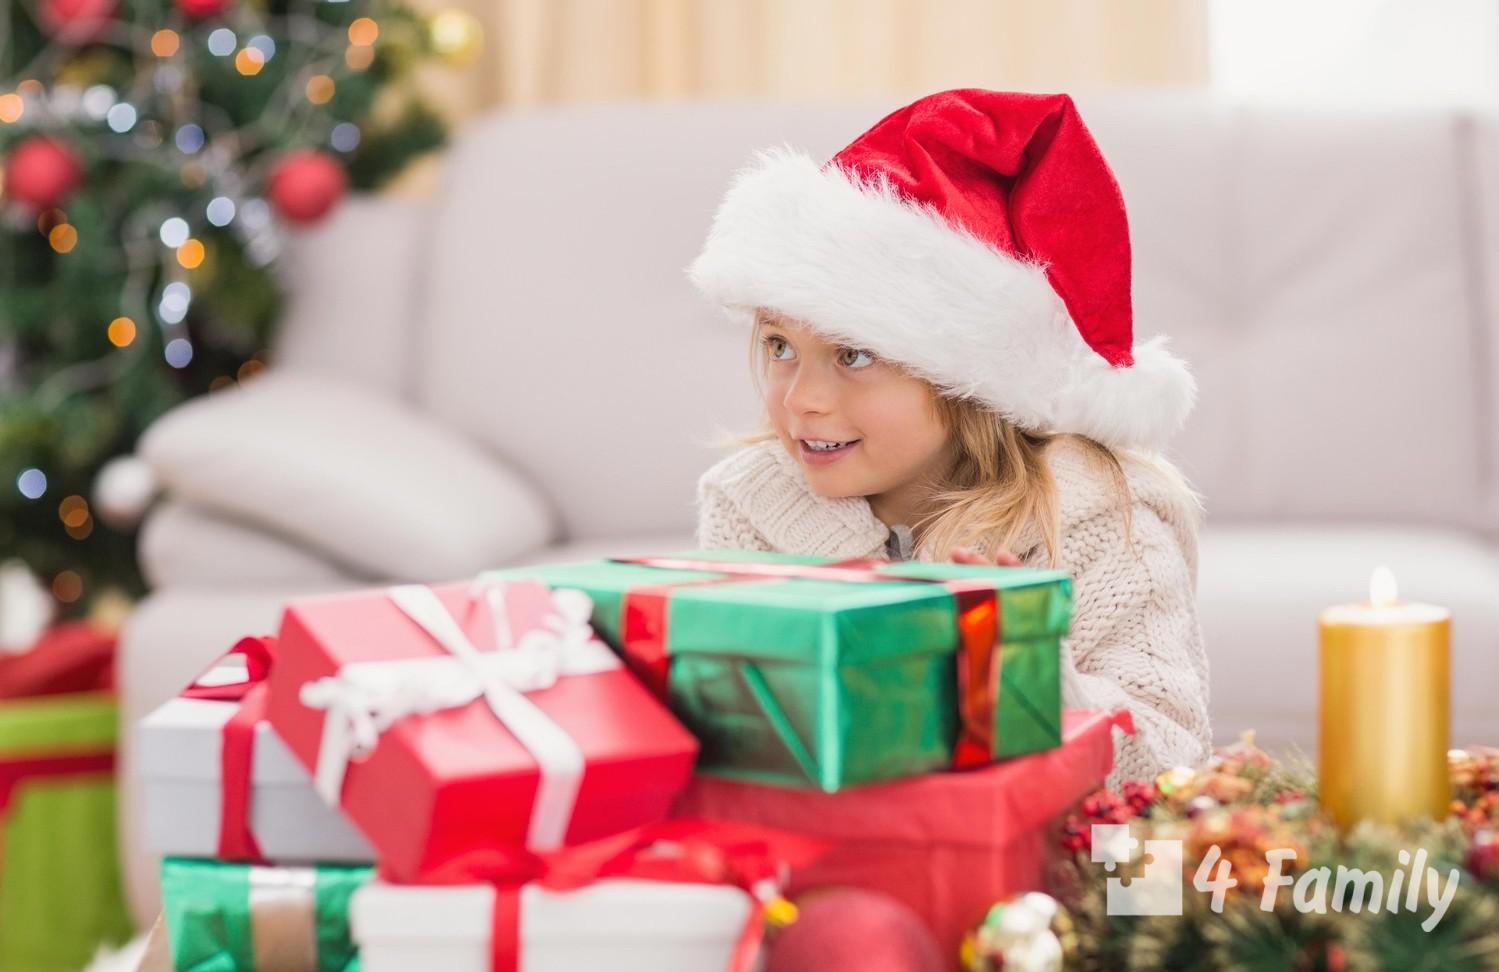 4family Cюрприз на новый год ребенку